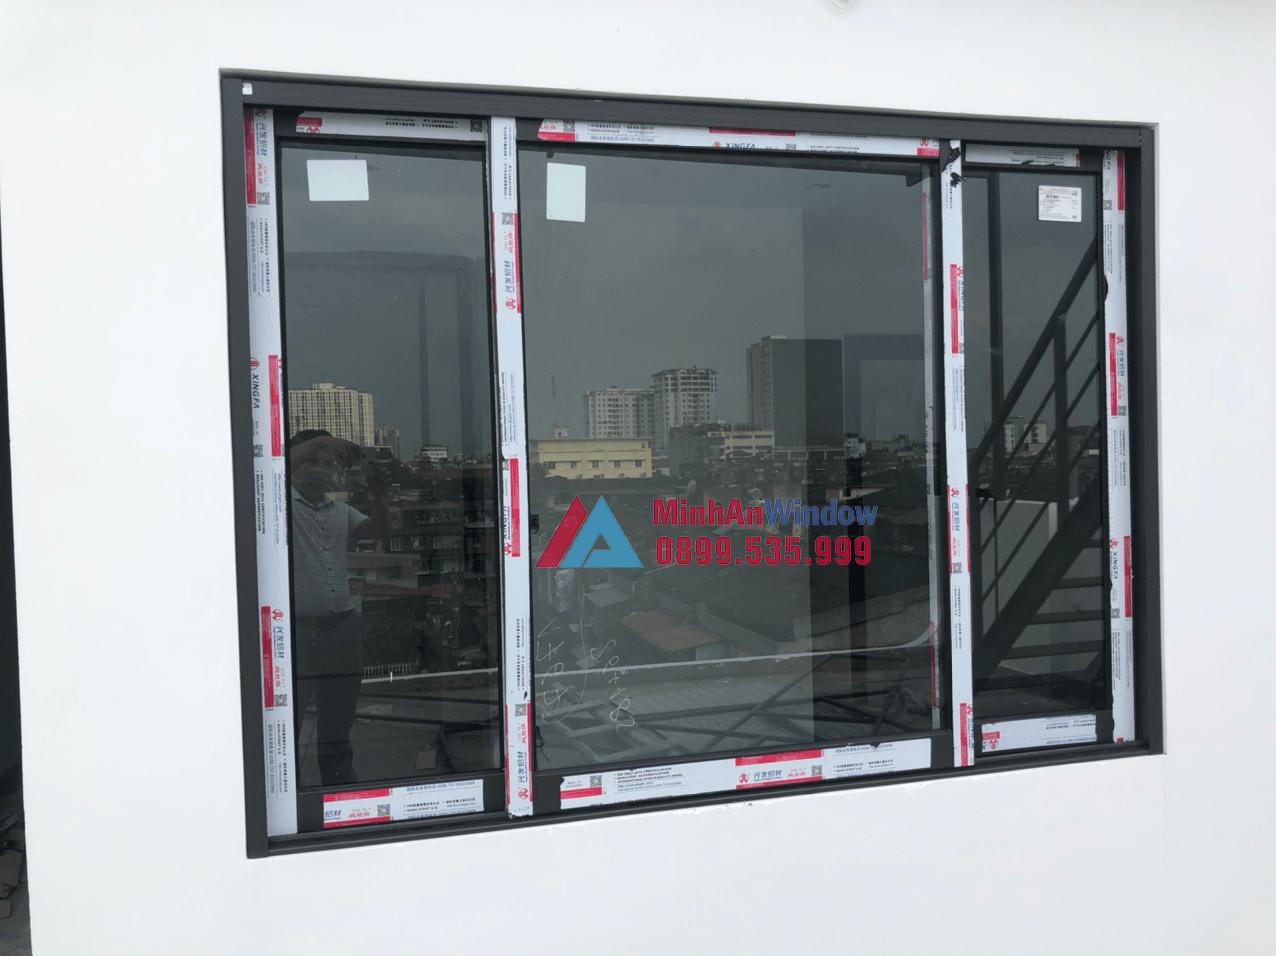 Mẫu cửa sổ nhôm kính Minh An Window lắp đặt cho khách hàng tại Yên Bái